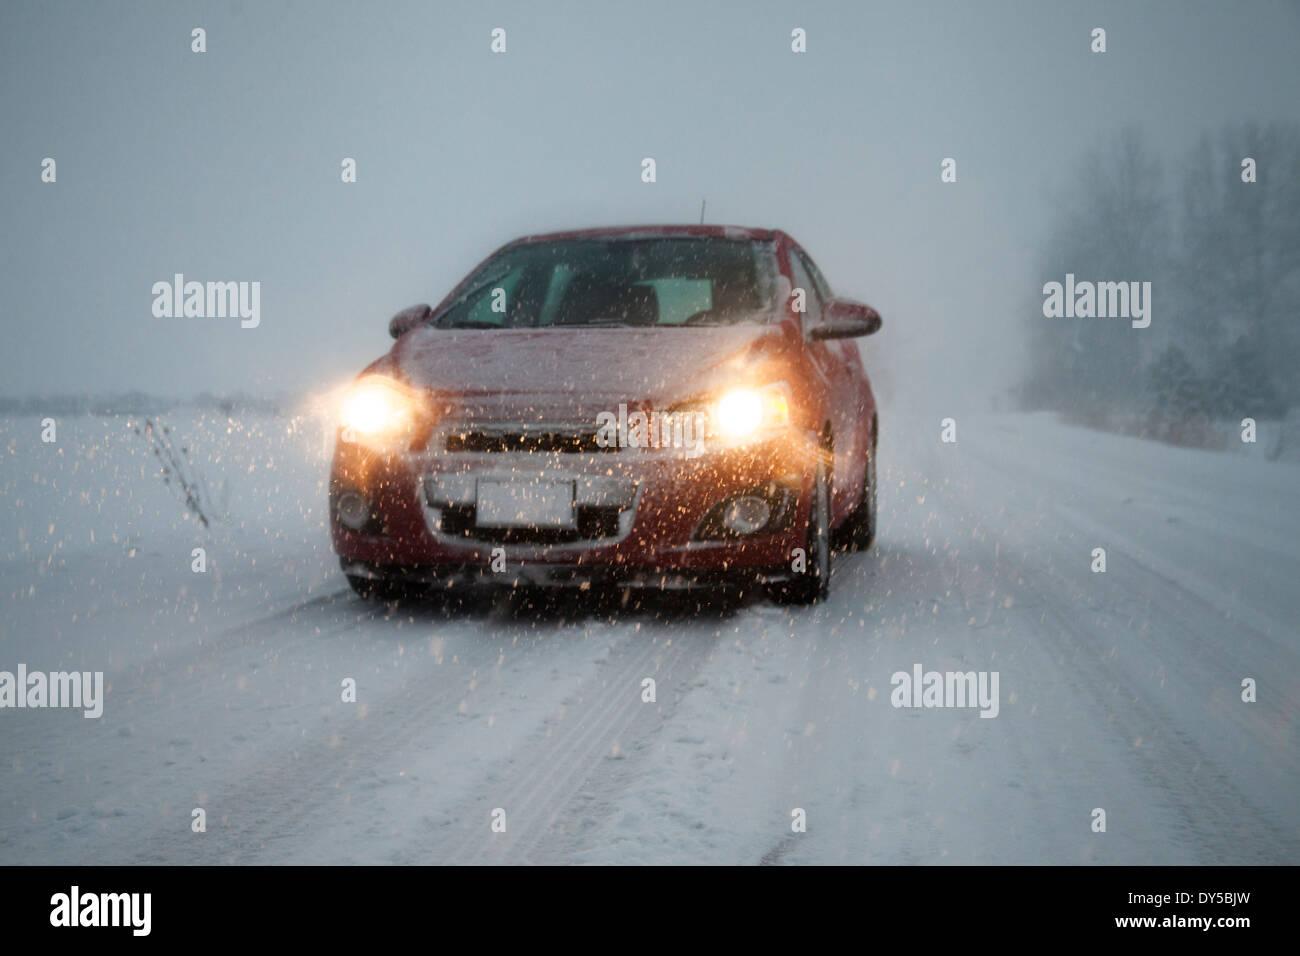 Voiture avec phares sur conduite le long de la route couverte de neige brouillard Banque D'Images